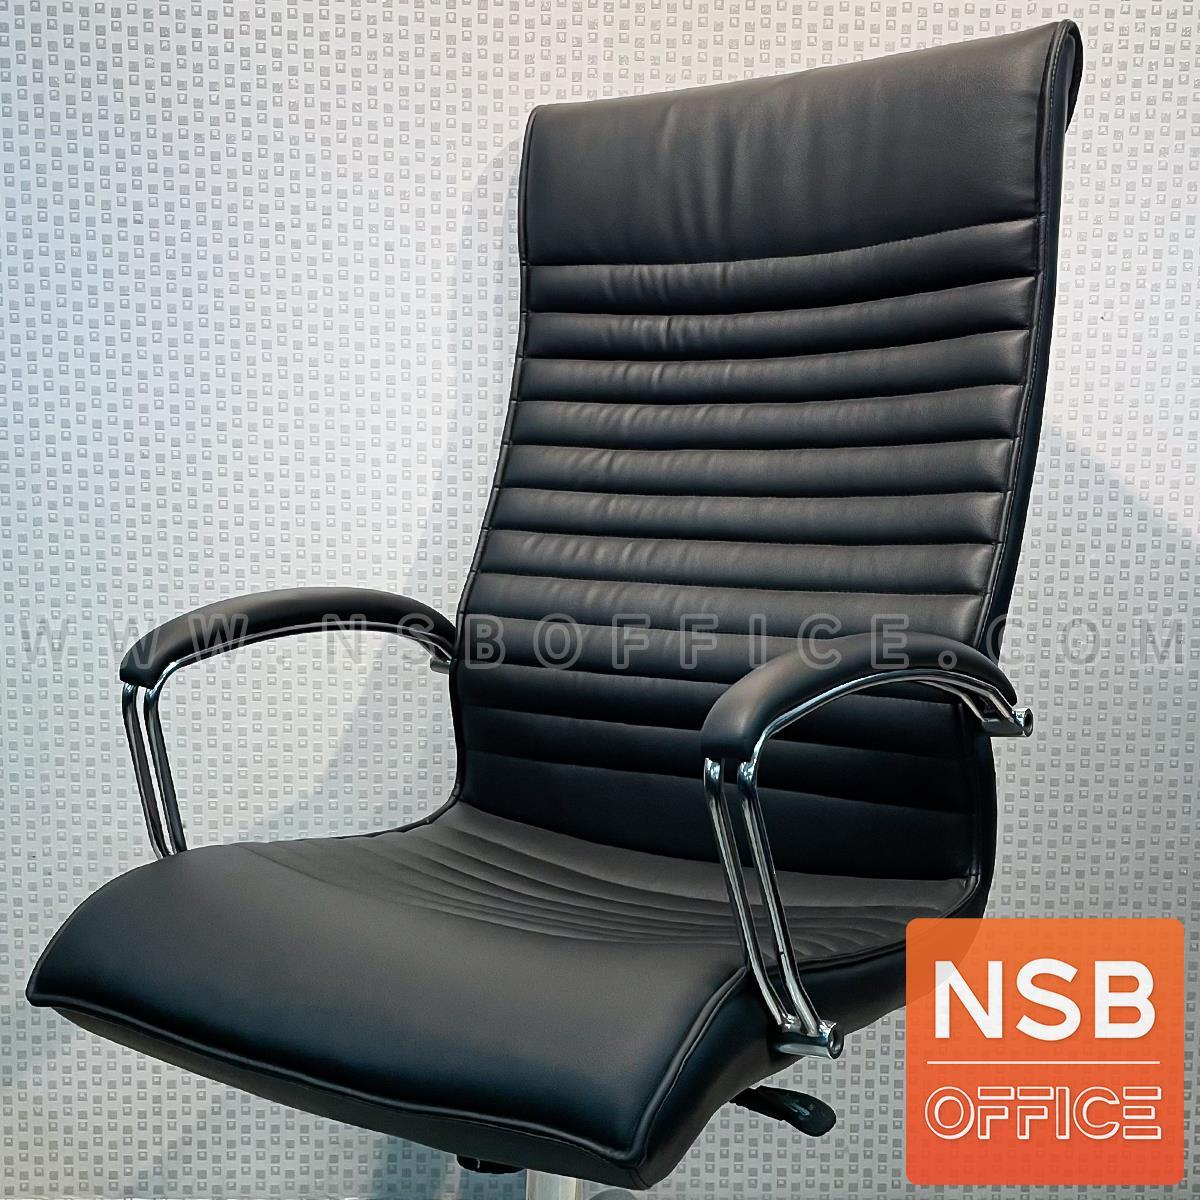 เก้าอี้ผู้บริหาร รุ่น Starcarft 2  โช๊คแก๊ส ก้อนโยก ขาเหล็กชุบโครเมี่ยม